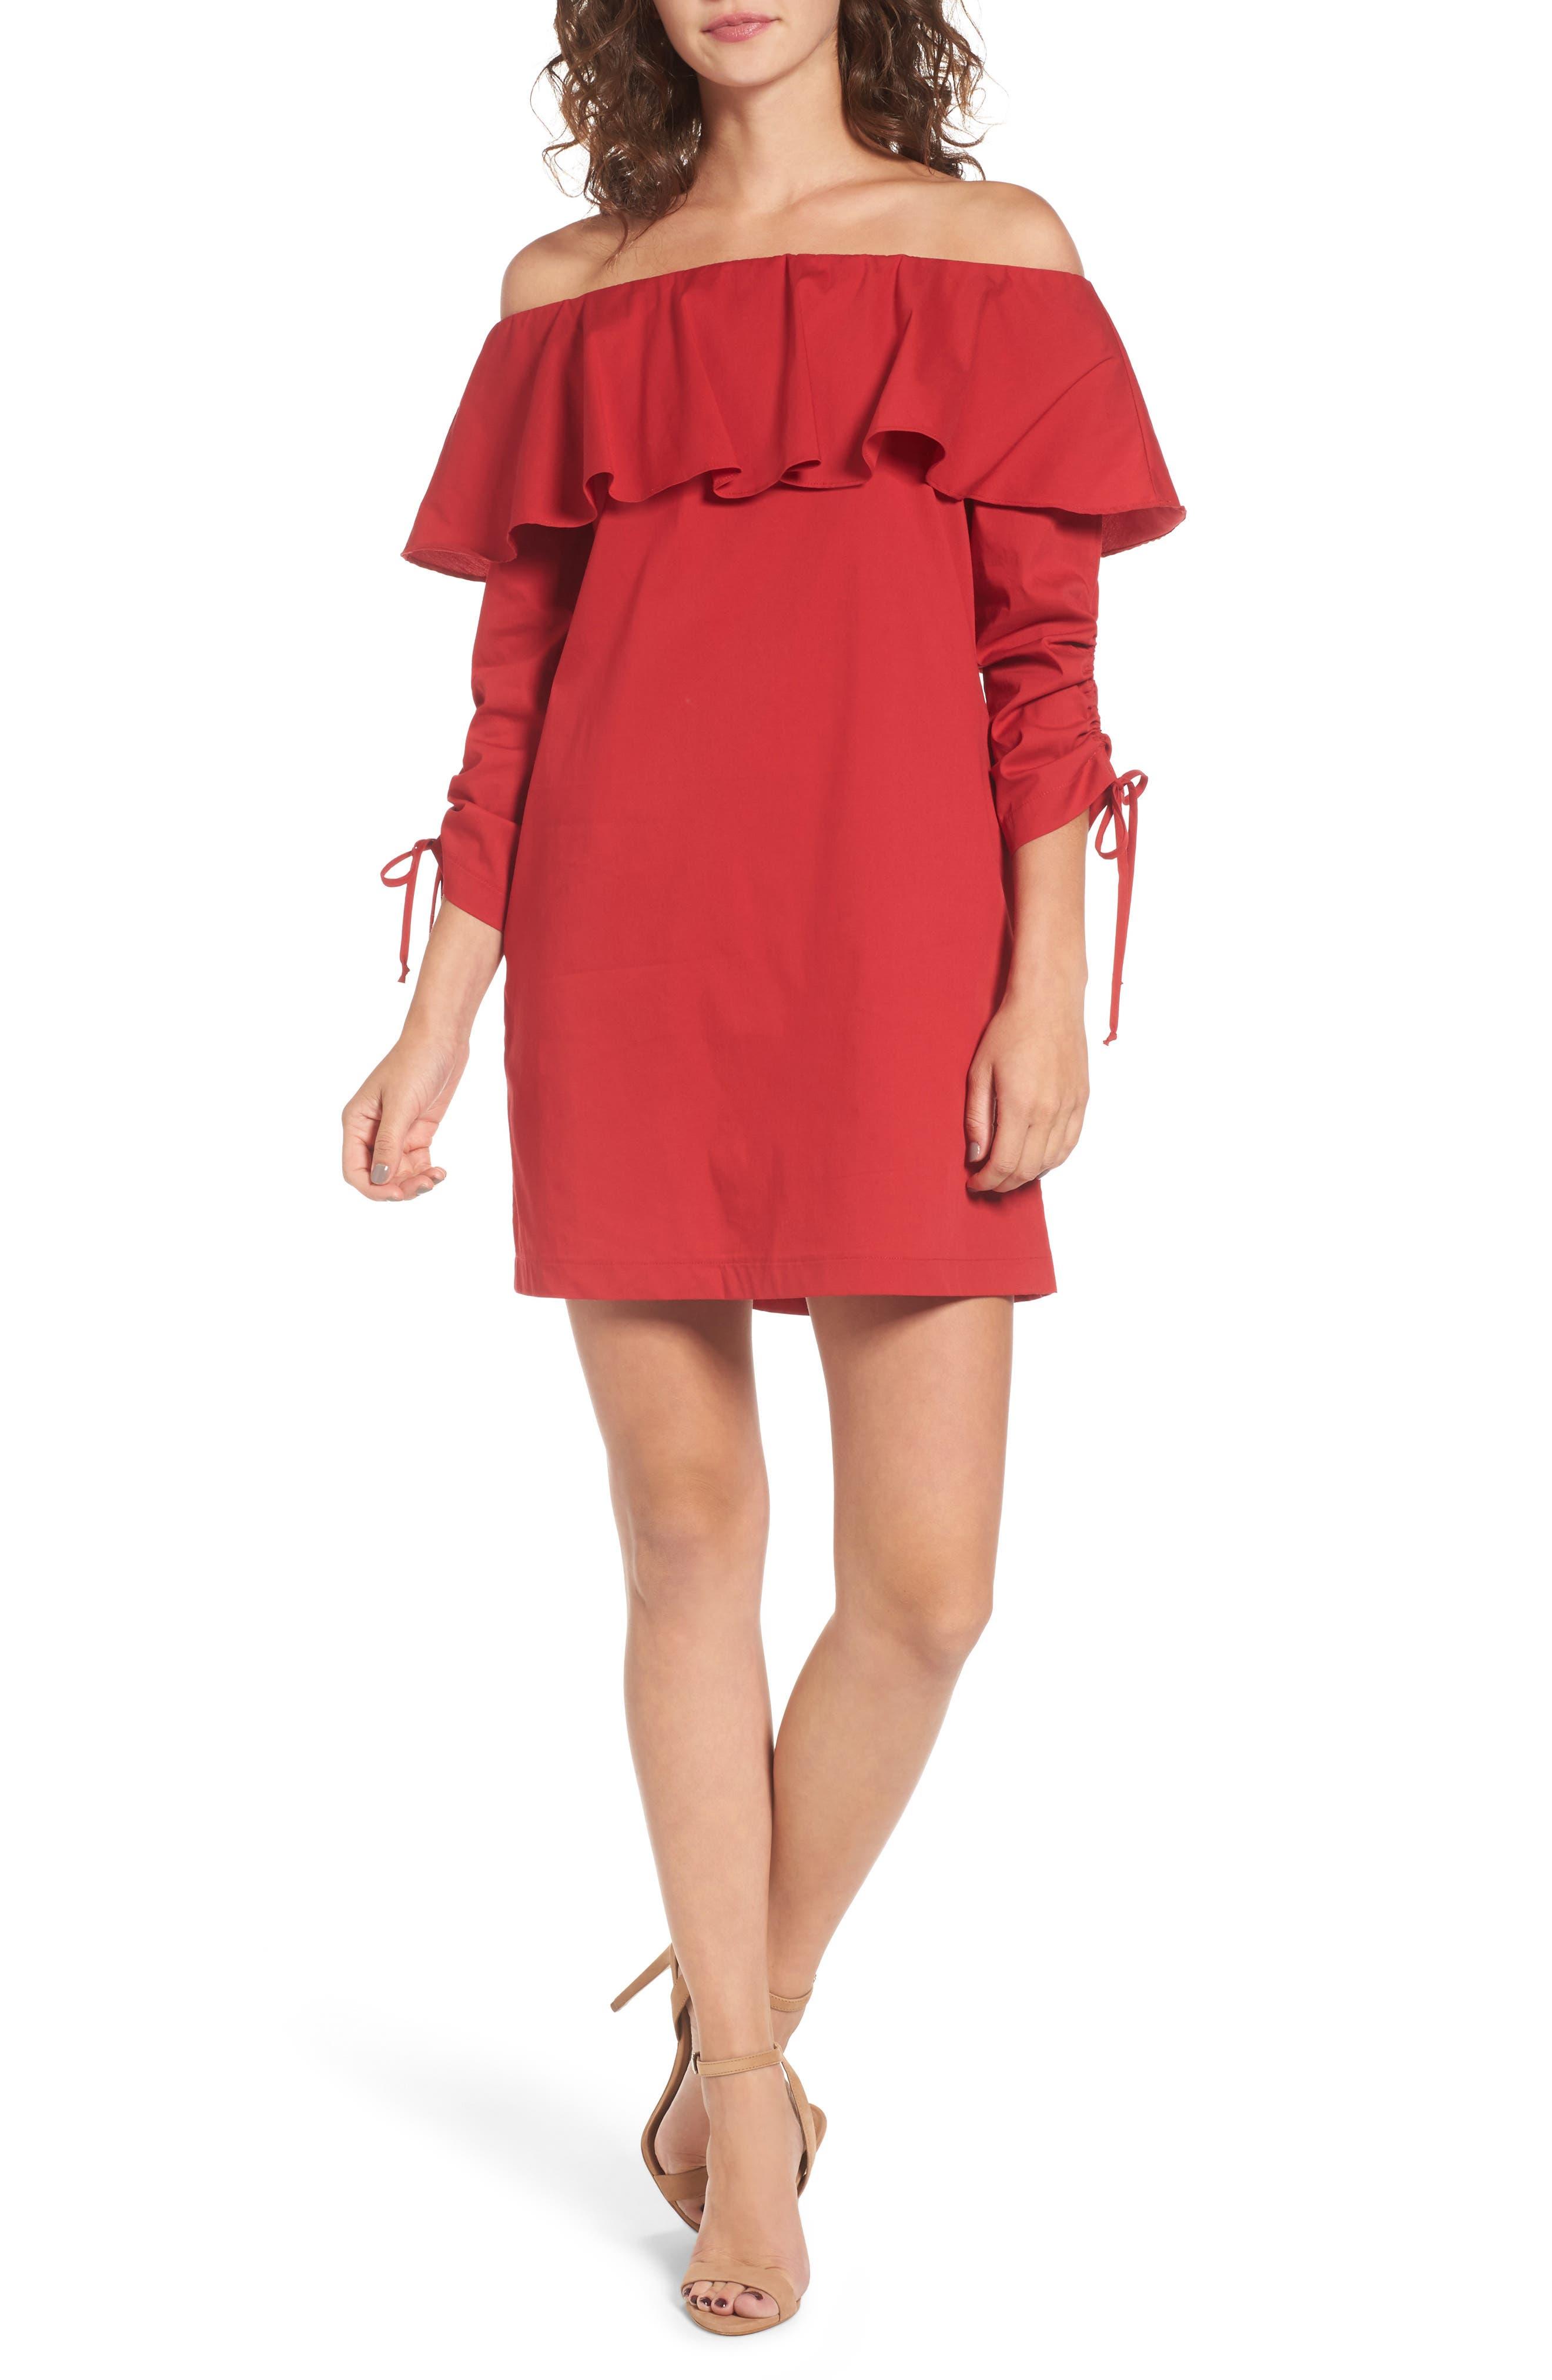 Alternate Image 1 Selected - Socialite Cinch Sleeve Off the Shoulder Dress